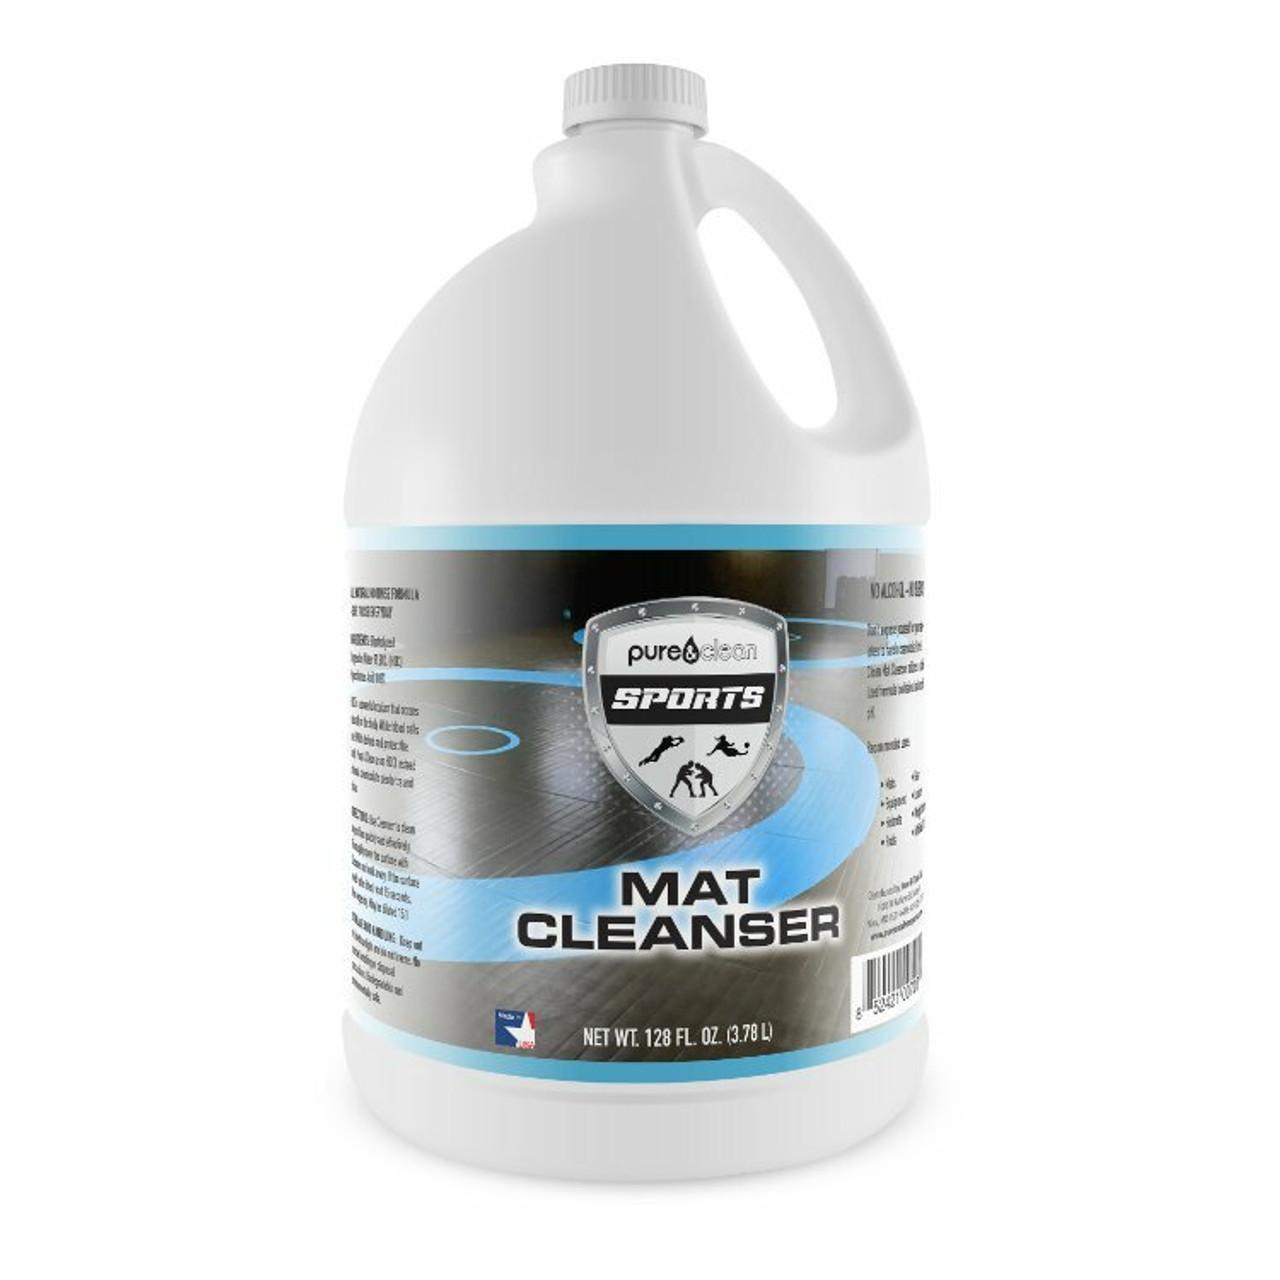 Mat Cleanser - 1 Gallon Bottle